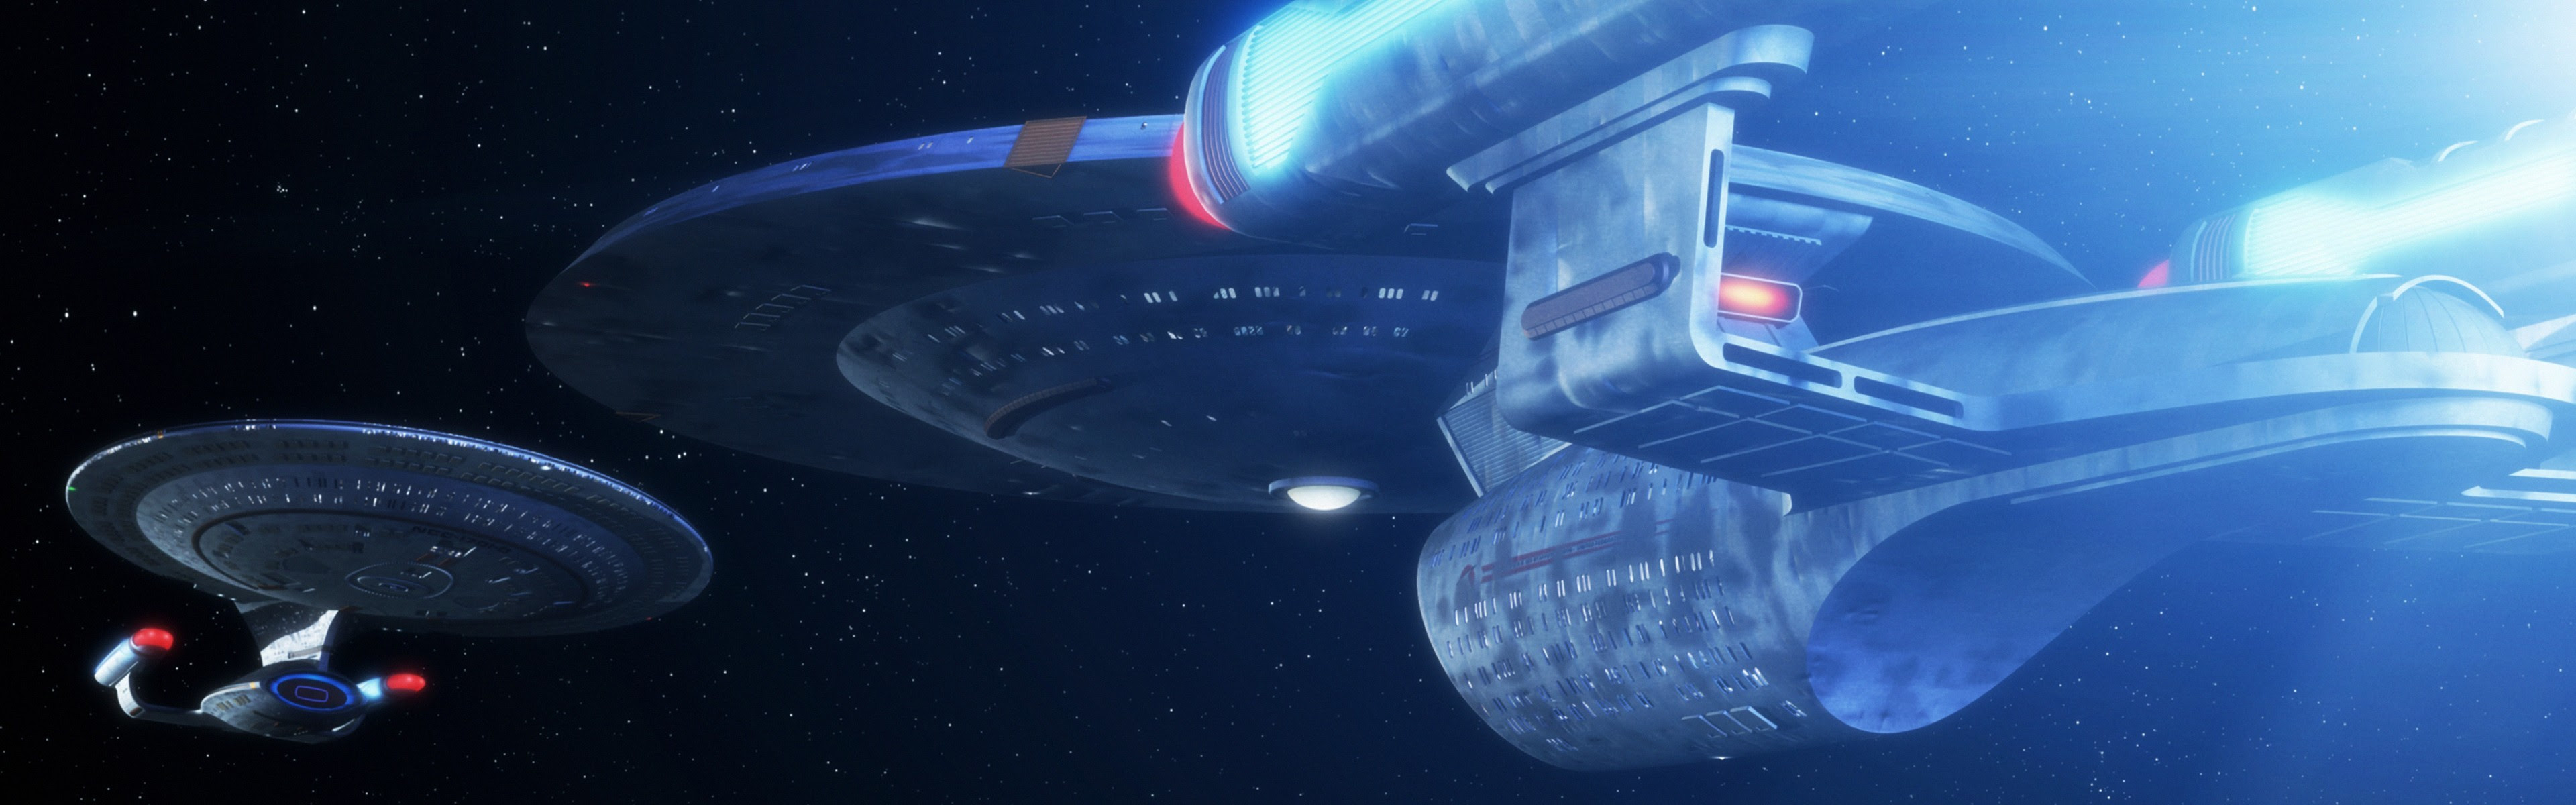 Dual Monitor Star Trek Wallpaper 54 Images